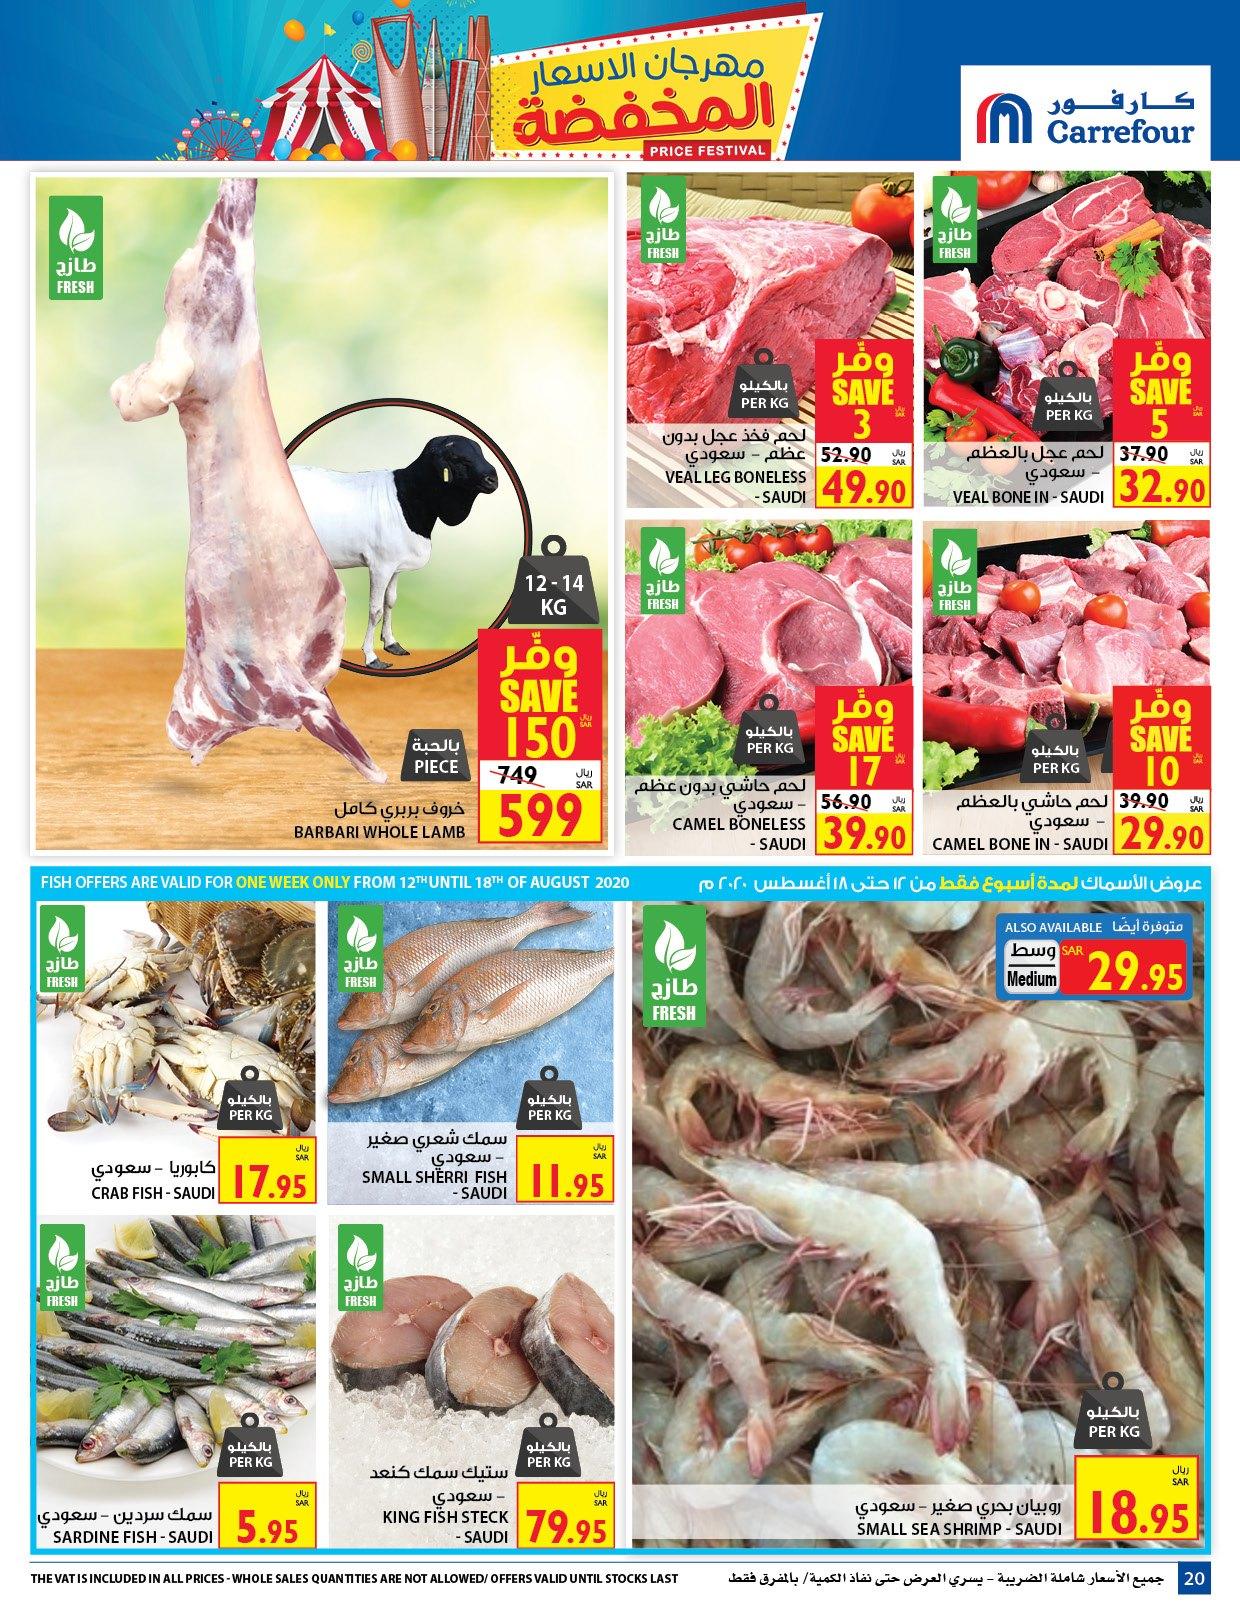 عروض كارفور السعودية اليوم علي اللحوم والأسماك